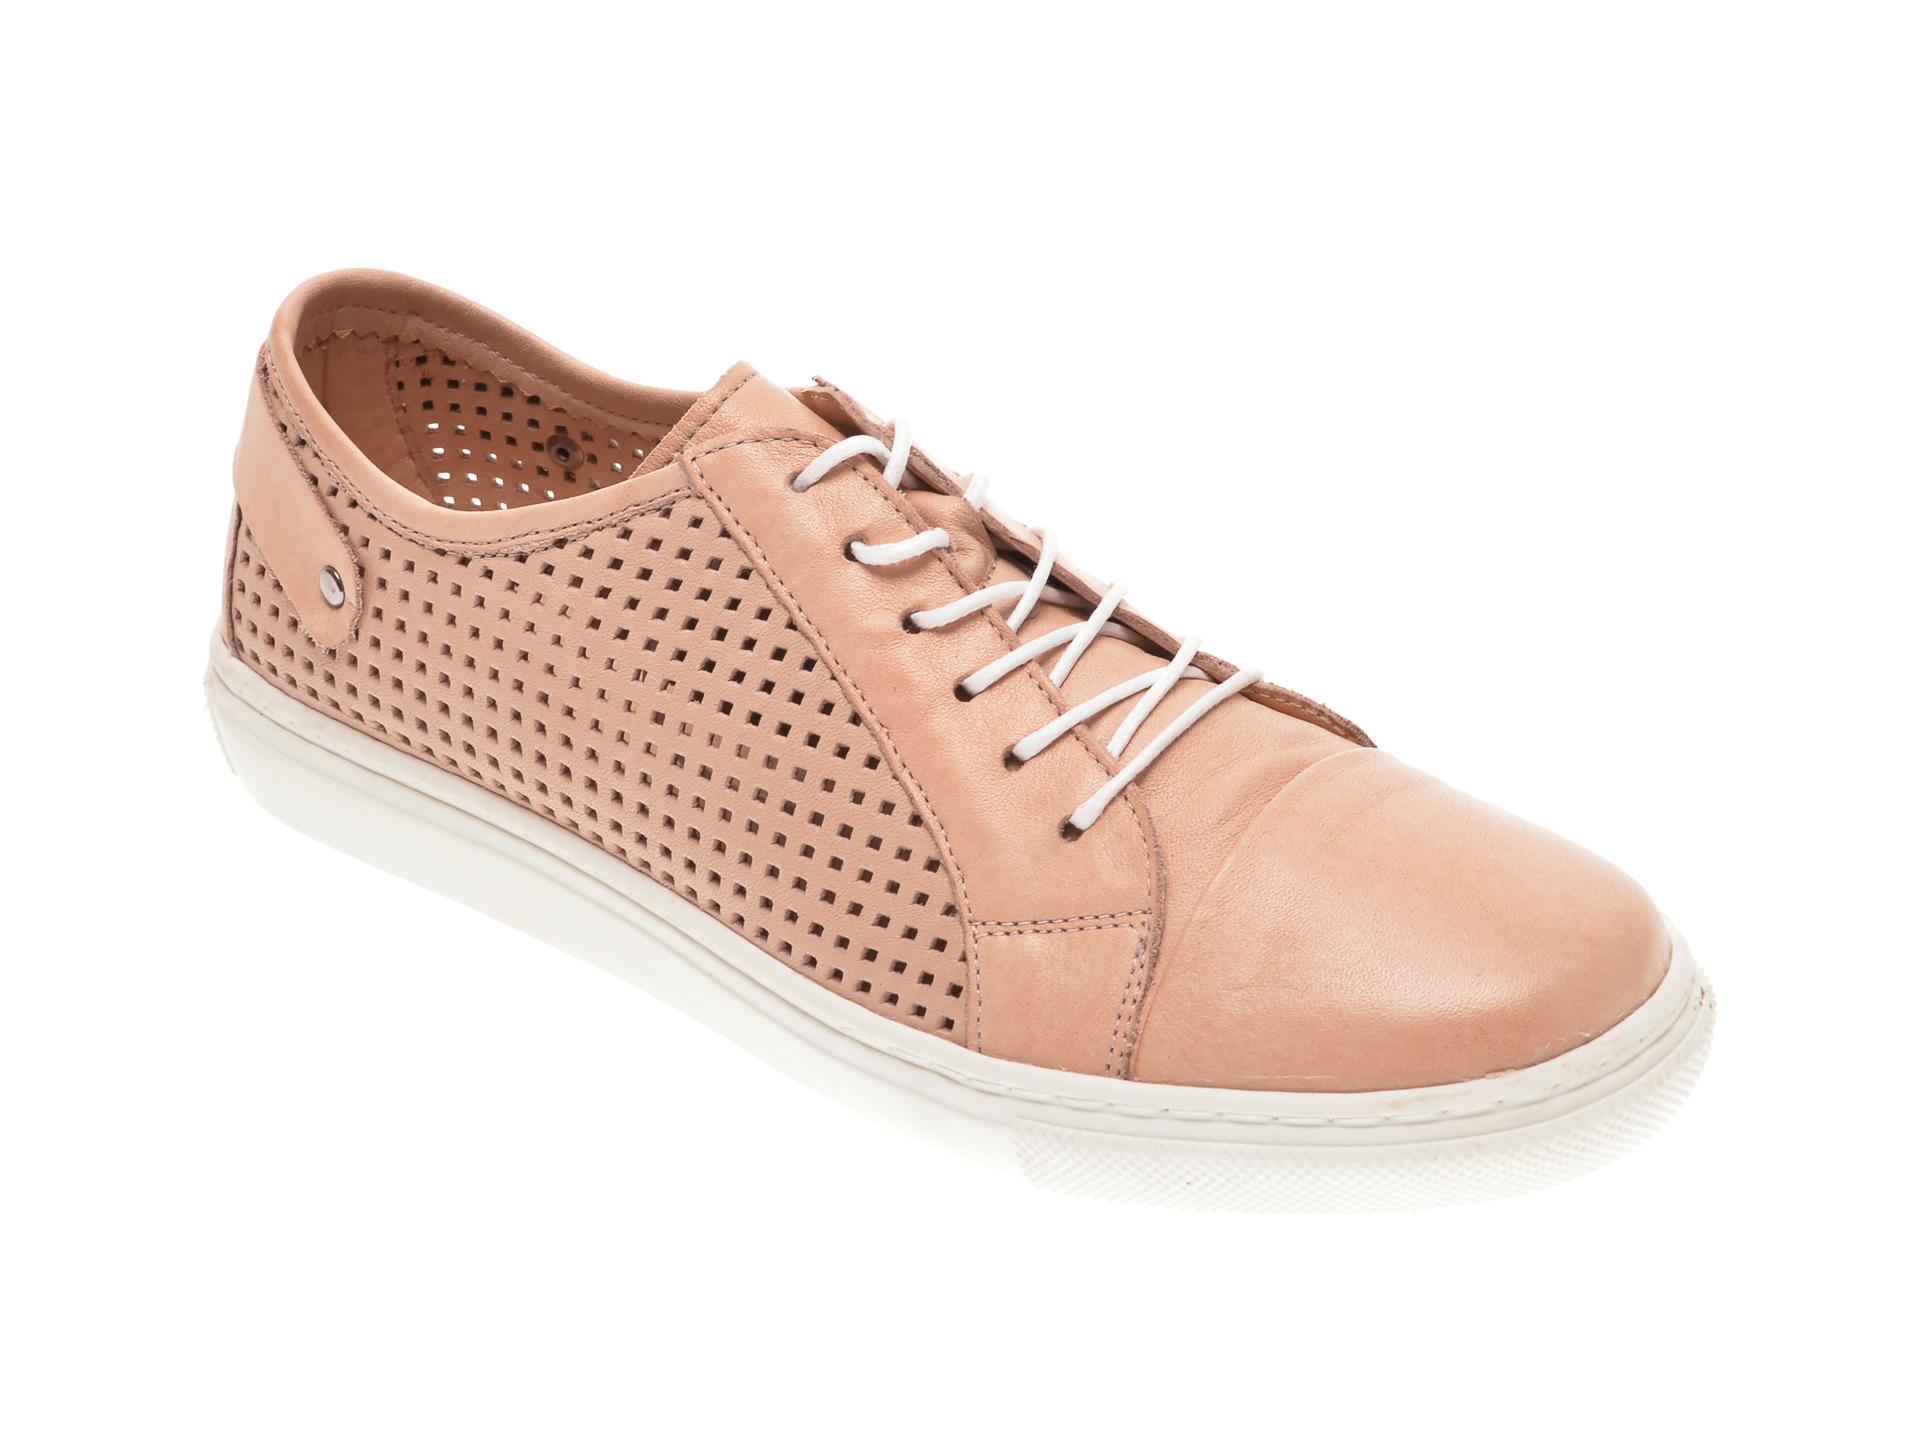 Pantofi BABOOS nude, R12, din piele naturala imagine